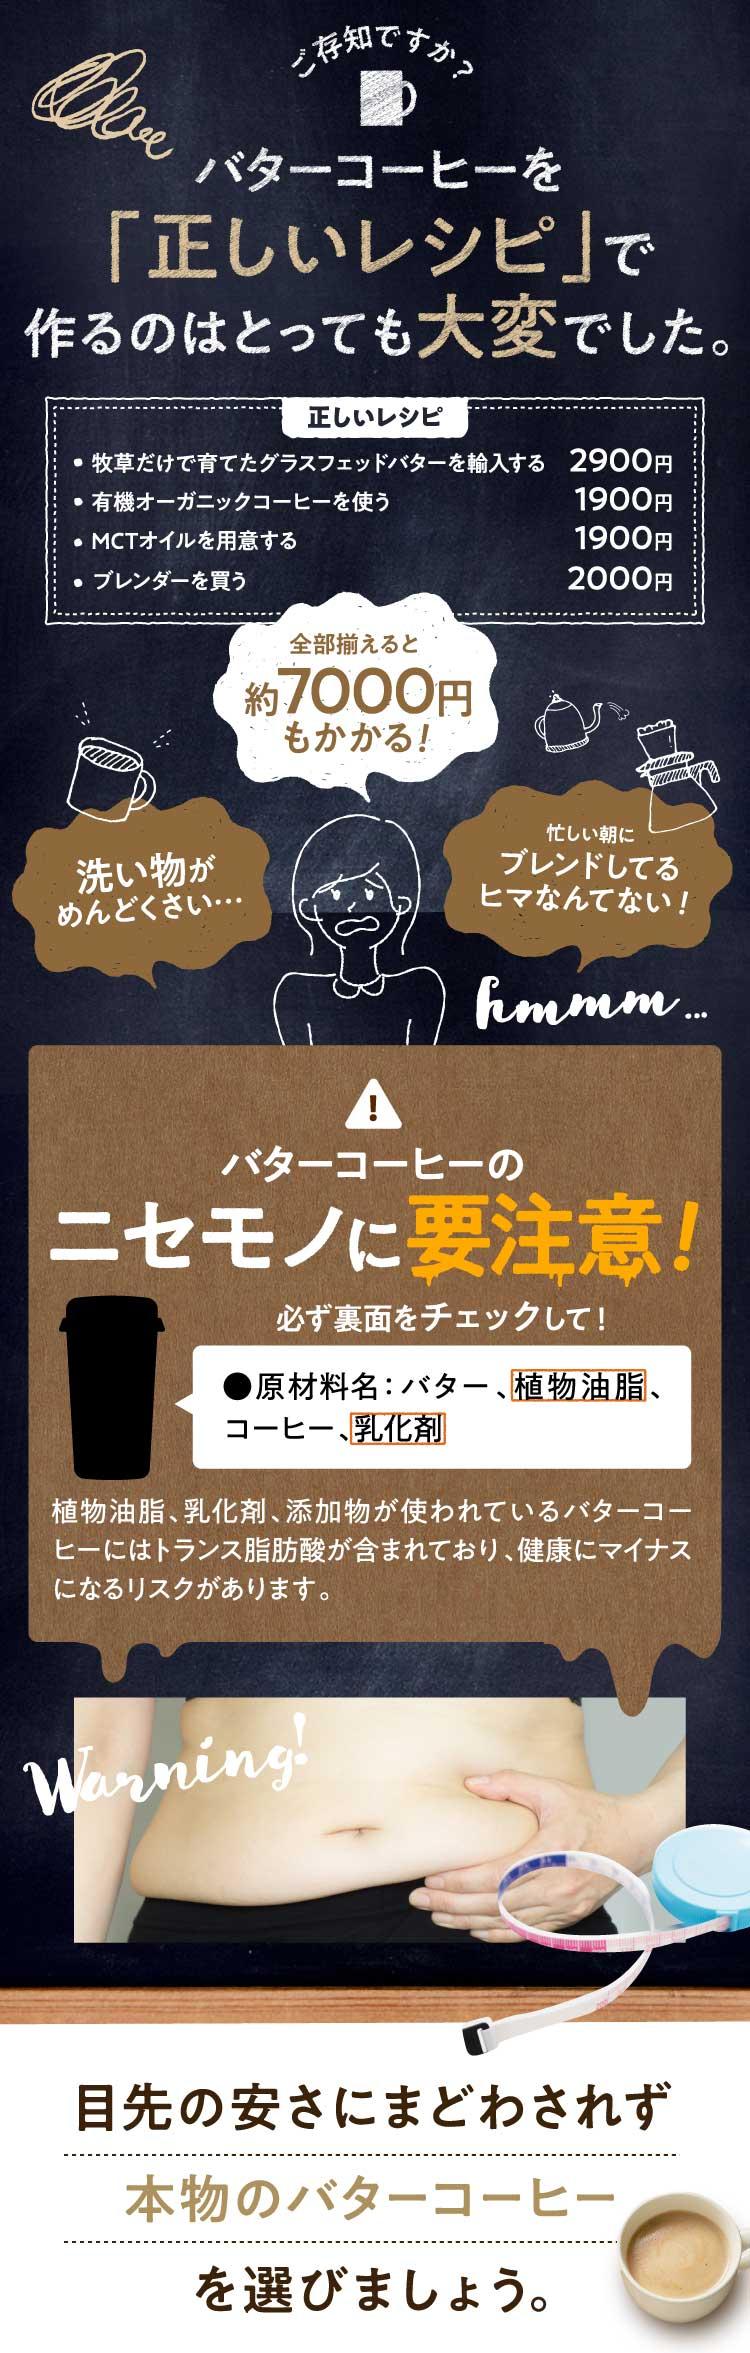 """ご存知ですか?バターコーヒーを「正しいレシピ」で作るのはとっても大変でした。正しいレシピ「牧草だけで育てたグラスフェッドバターを輸入する2900円・有機オーガニックコーヒーを使う1900円・MCTオイルを使用する1900円・ブレンダーを買う2000円」全部揃えると約7000円もかかる!「洗い物がめんどくさい…」「忙しい朝にブレンドしてるヒマなんてない!」hmmm...注意!""""バターコーヒーのニセモノに要注意!必ず裏面をチェックして!「●原材料名:バラー、植物油脂、コーヒー、乳化剤、植物油脂、乳化剤、添加物が使われているバターコーヒーにはトランス脂肪酸が含まれており、健康にマイナスになるリスクがあります。目先の安さに惑わされず、本物のバターコーヒーを選びましょう。"""